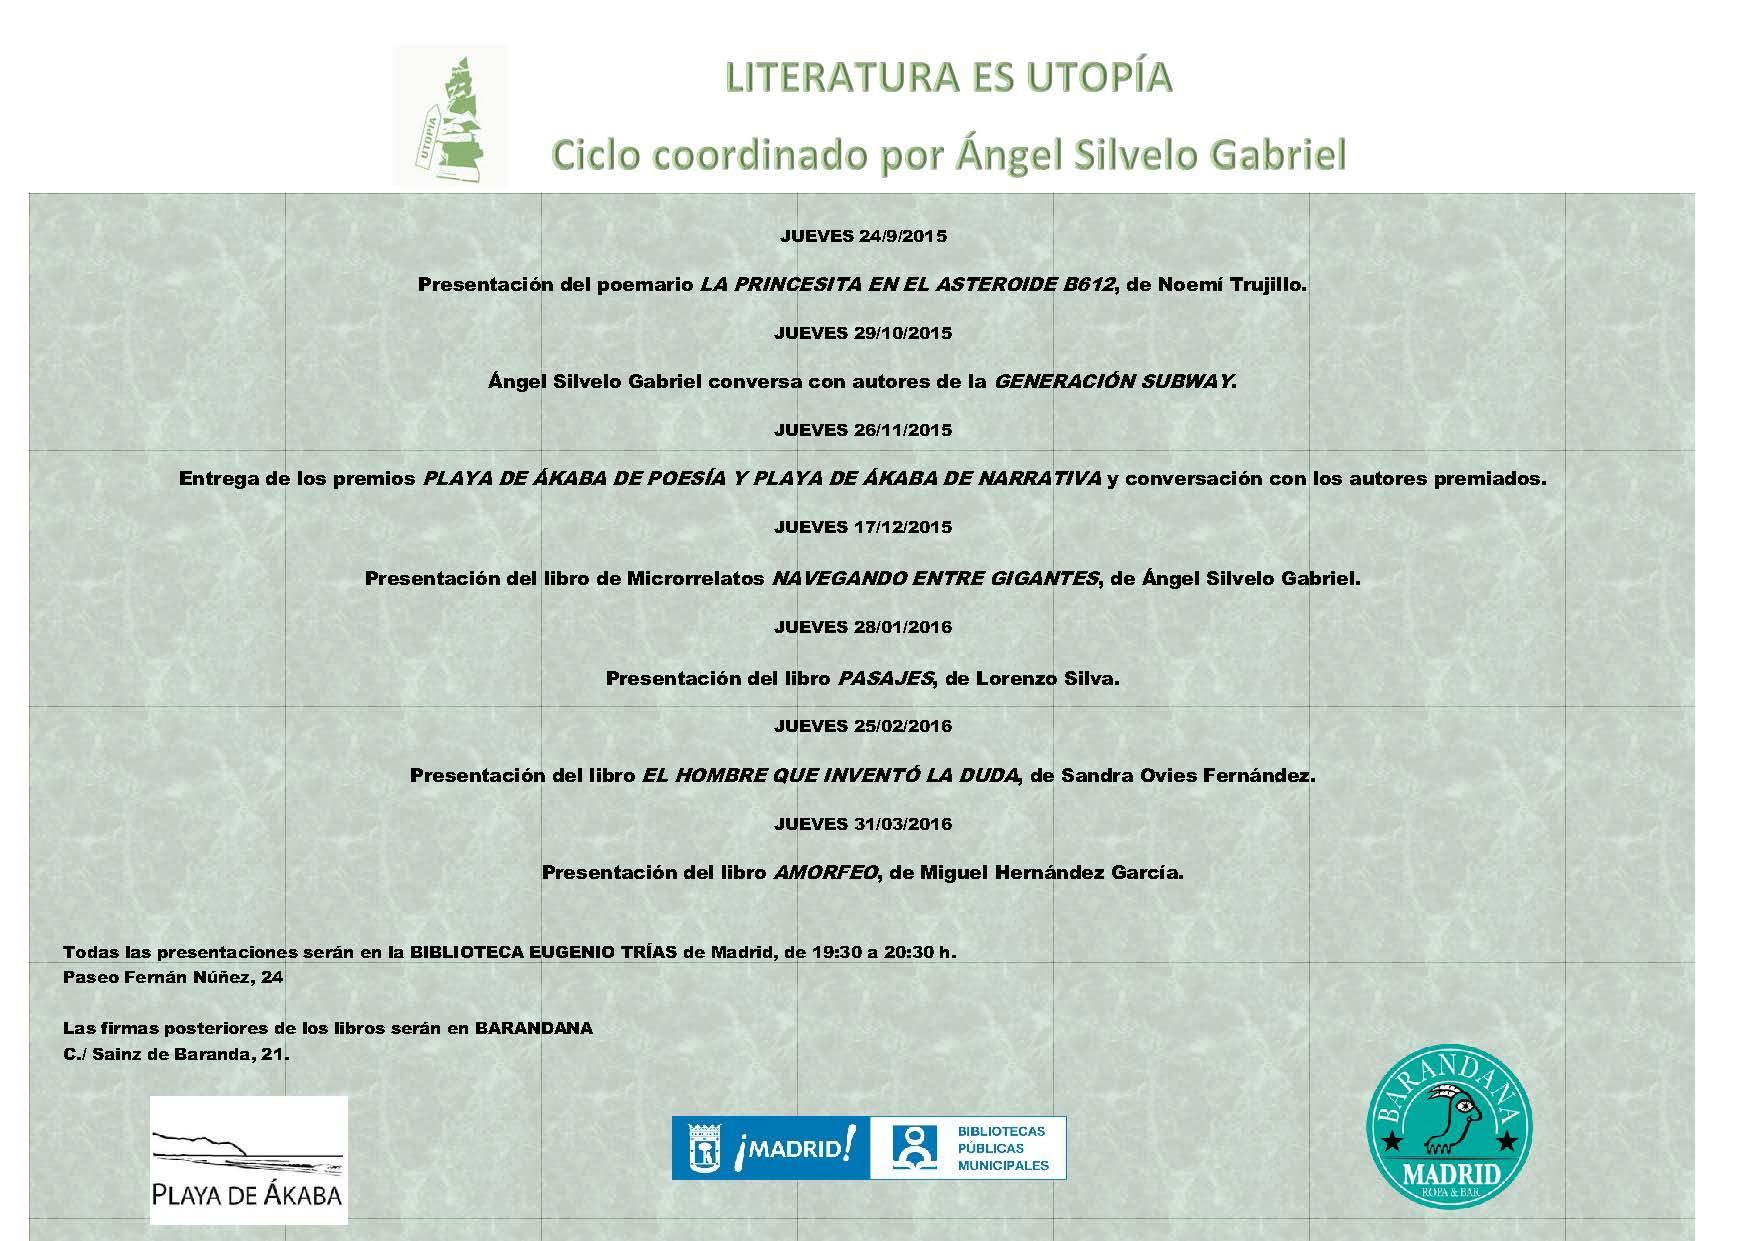 Ciclo literario